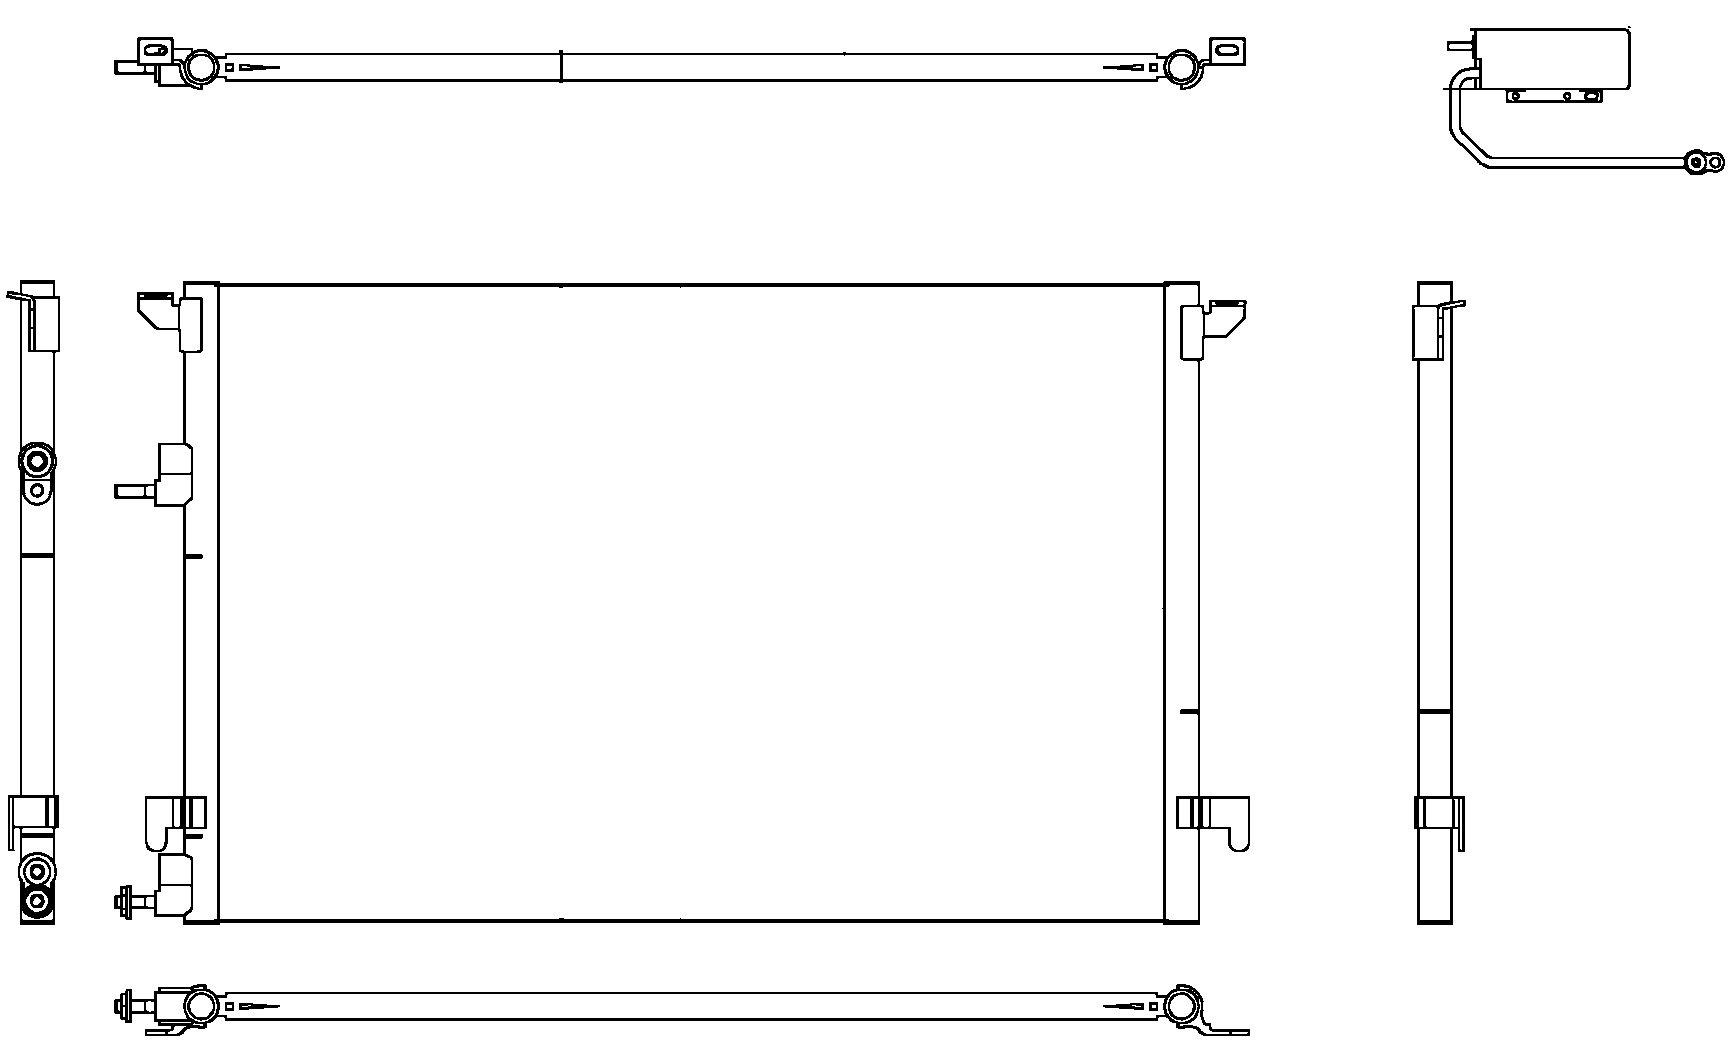 Behr Hella Service 351304471 Condenser for Saab 9-3 2L 03-08